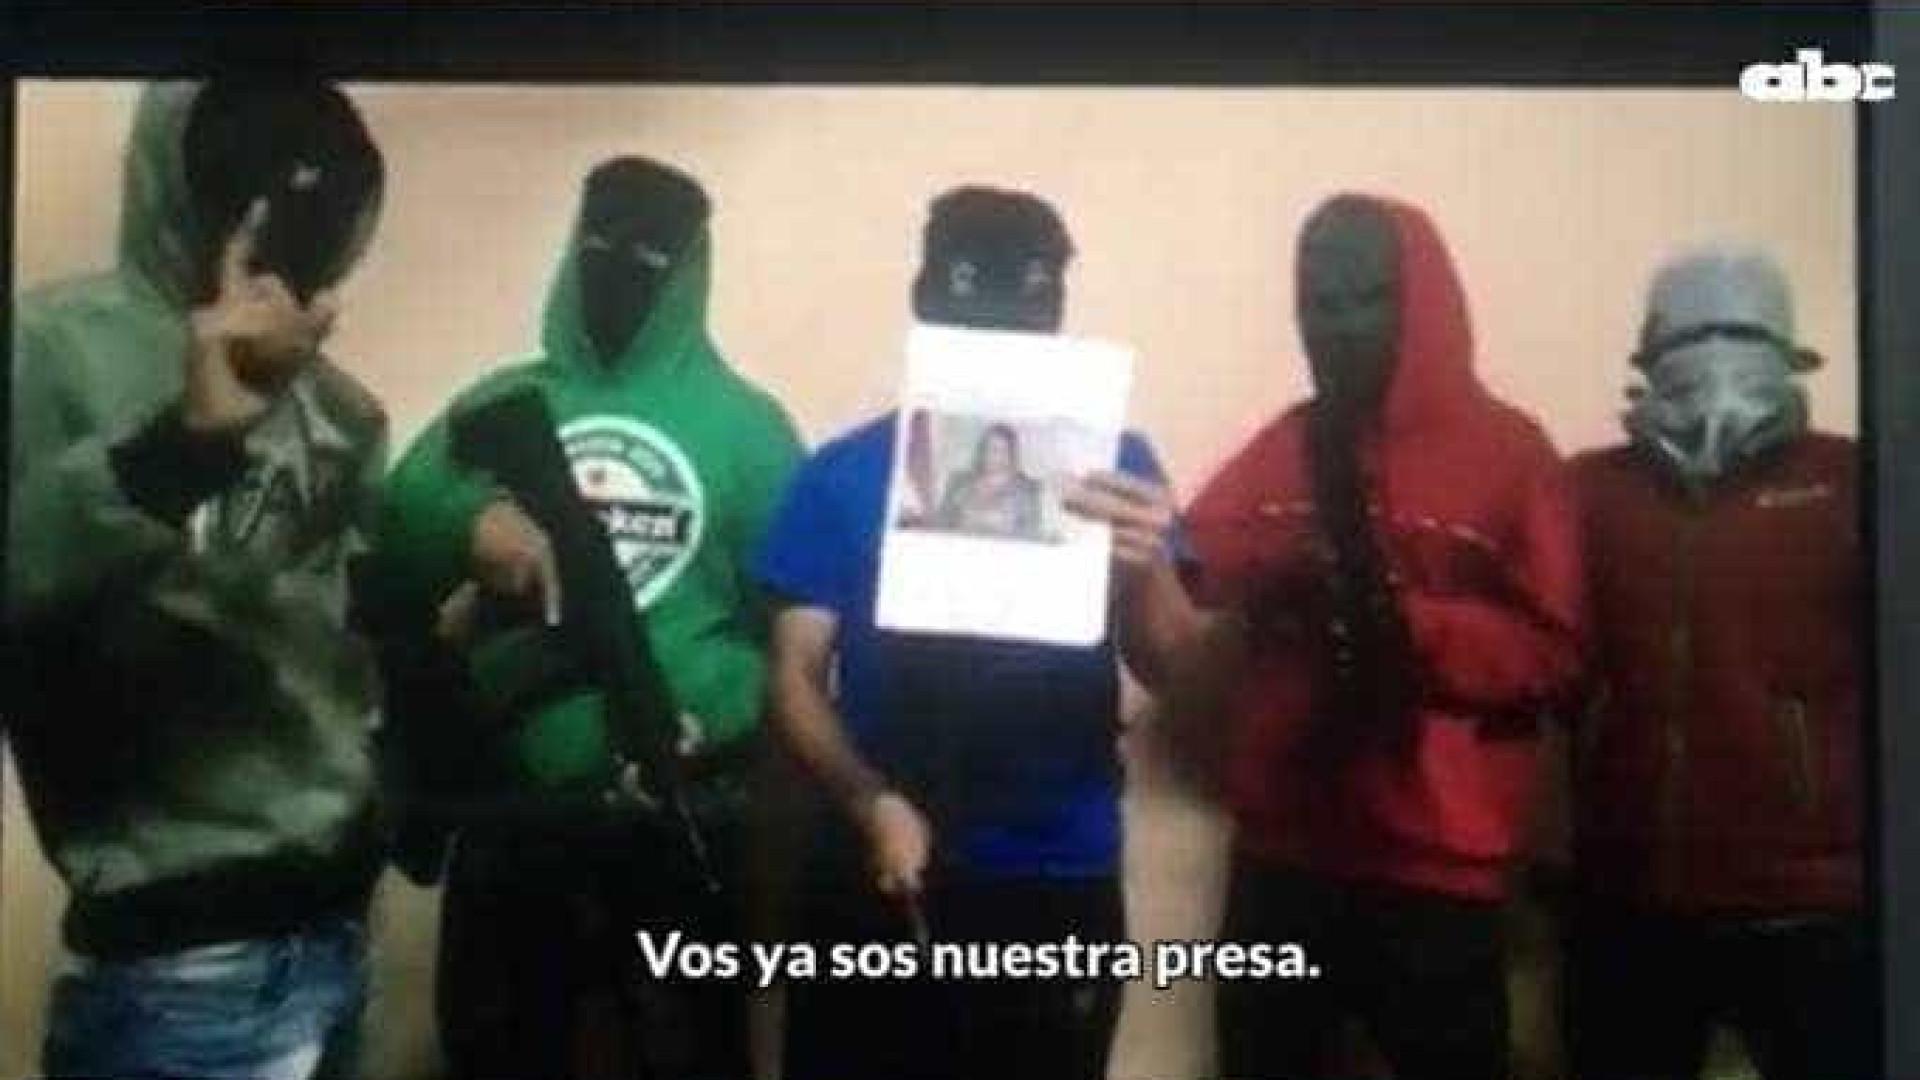 Comando Vermelho ameaça matar procuradora do Paraguai